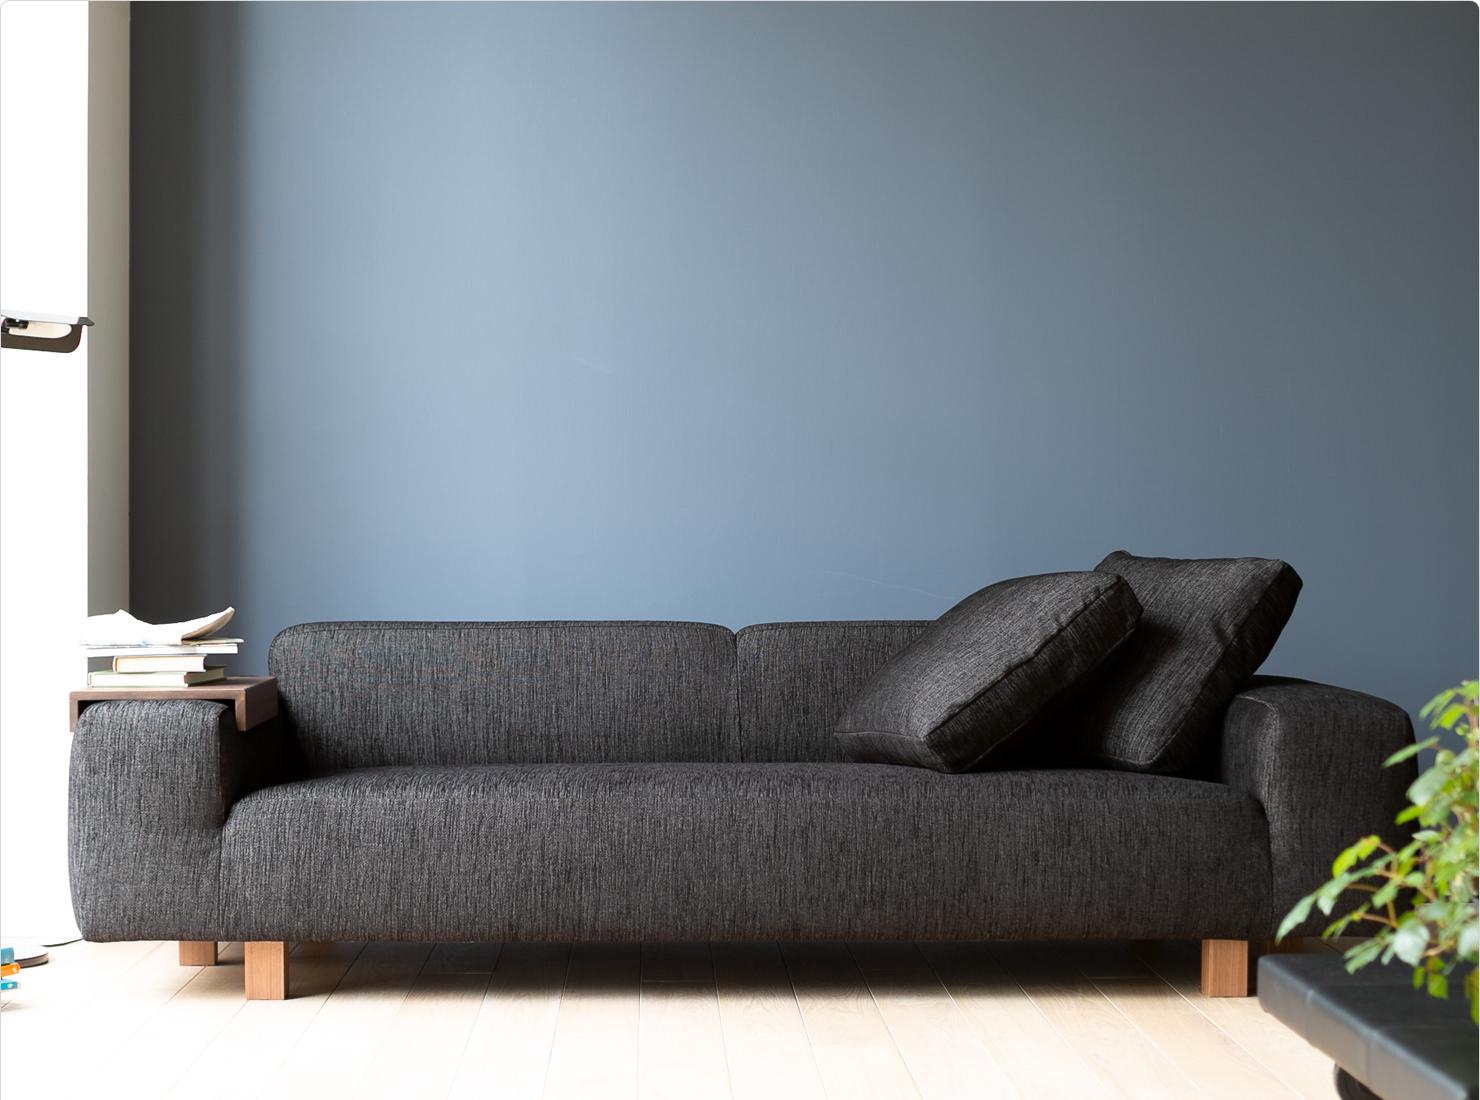 おしゃれなソファのおすすめ9選【人気の北欧デザインも】